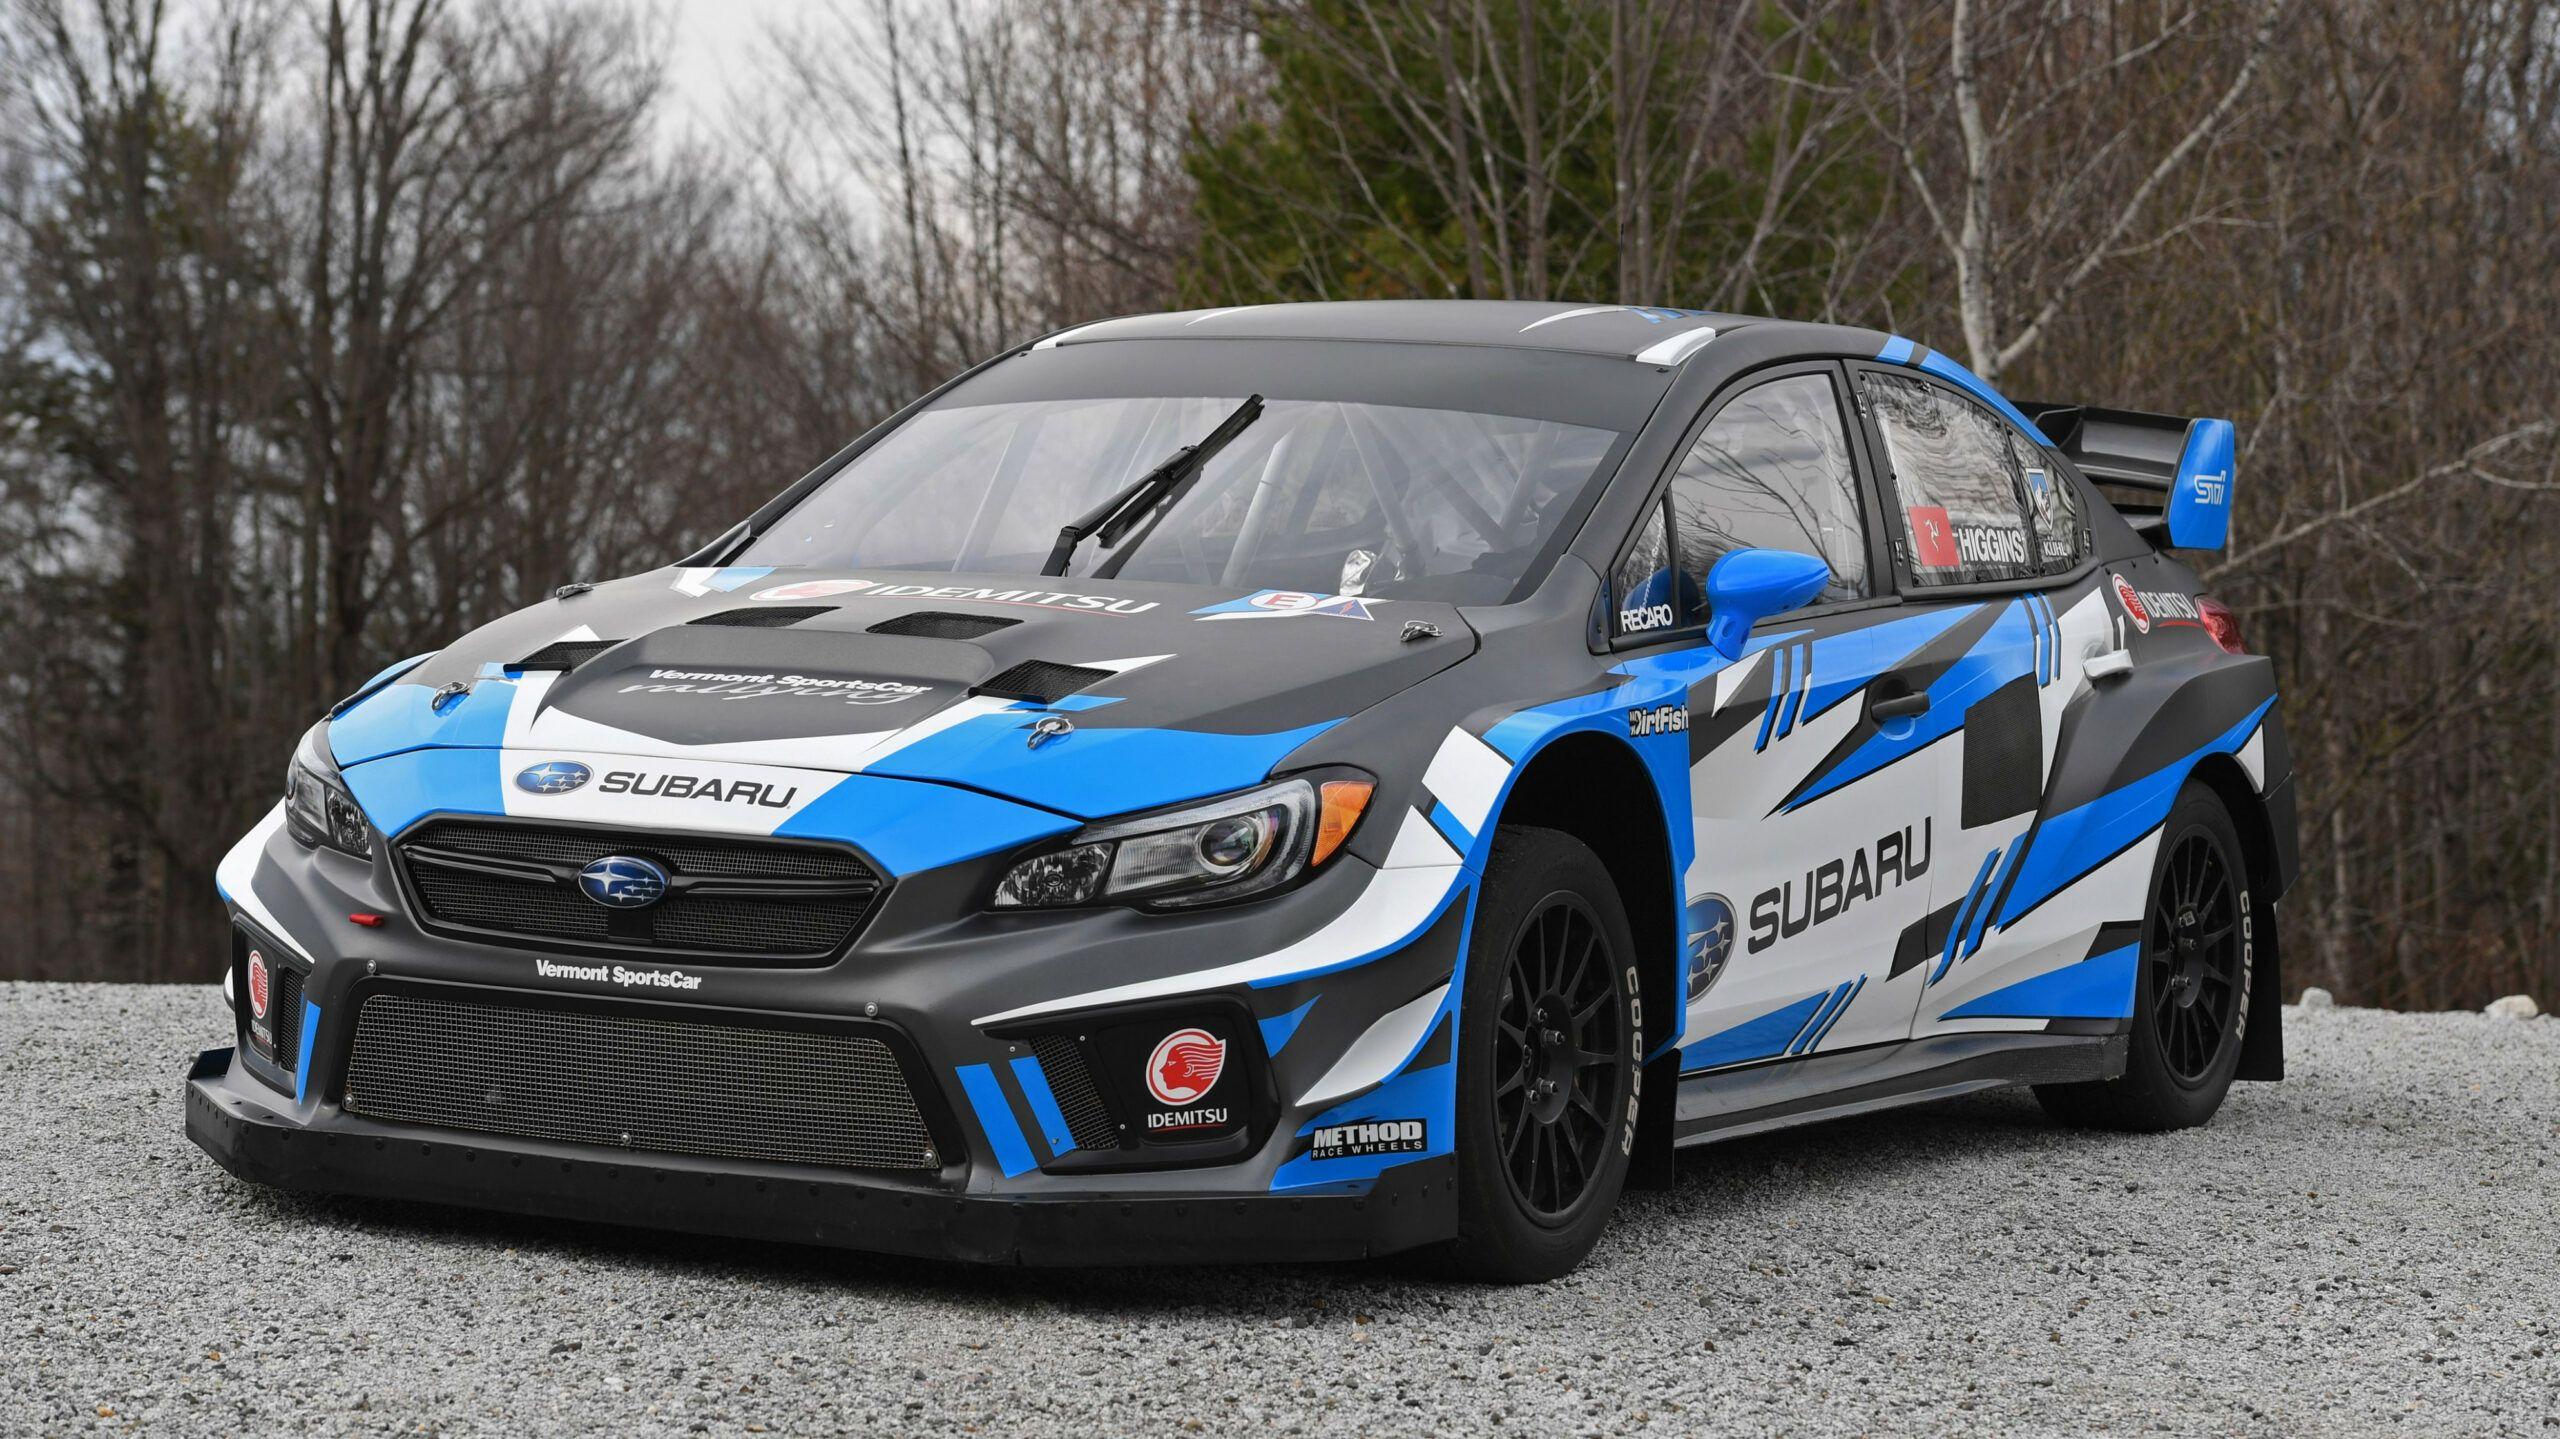 7 Wallpaper 2020 Subaru Rally Team Subaru Rally Subaru Rally Car